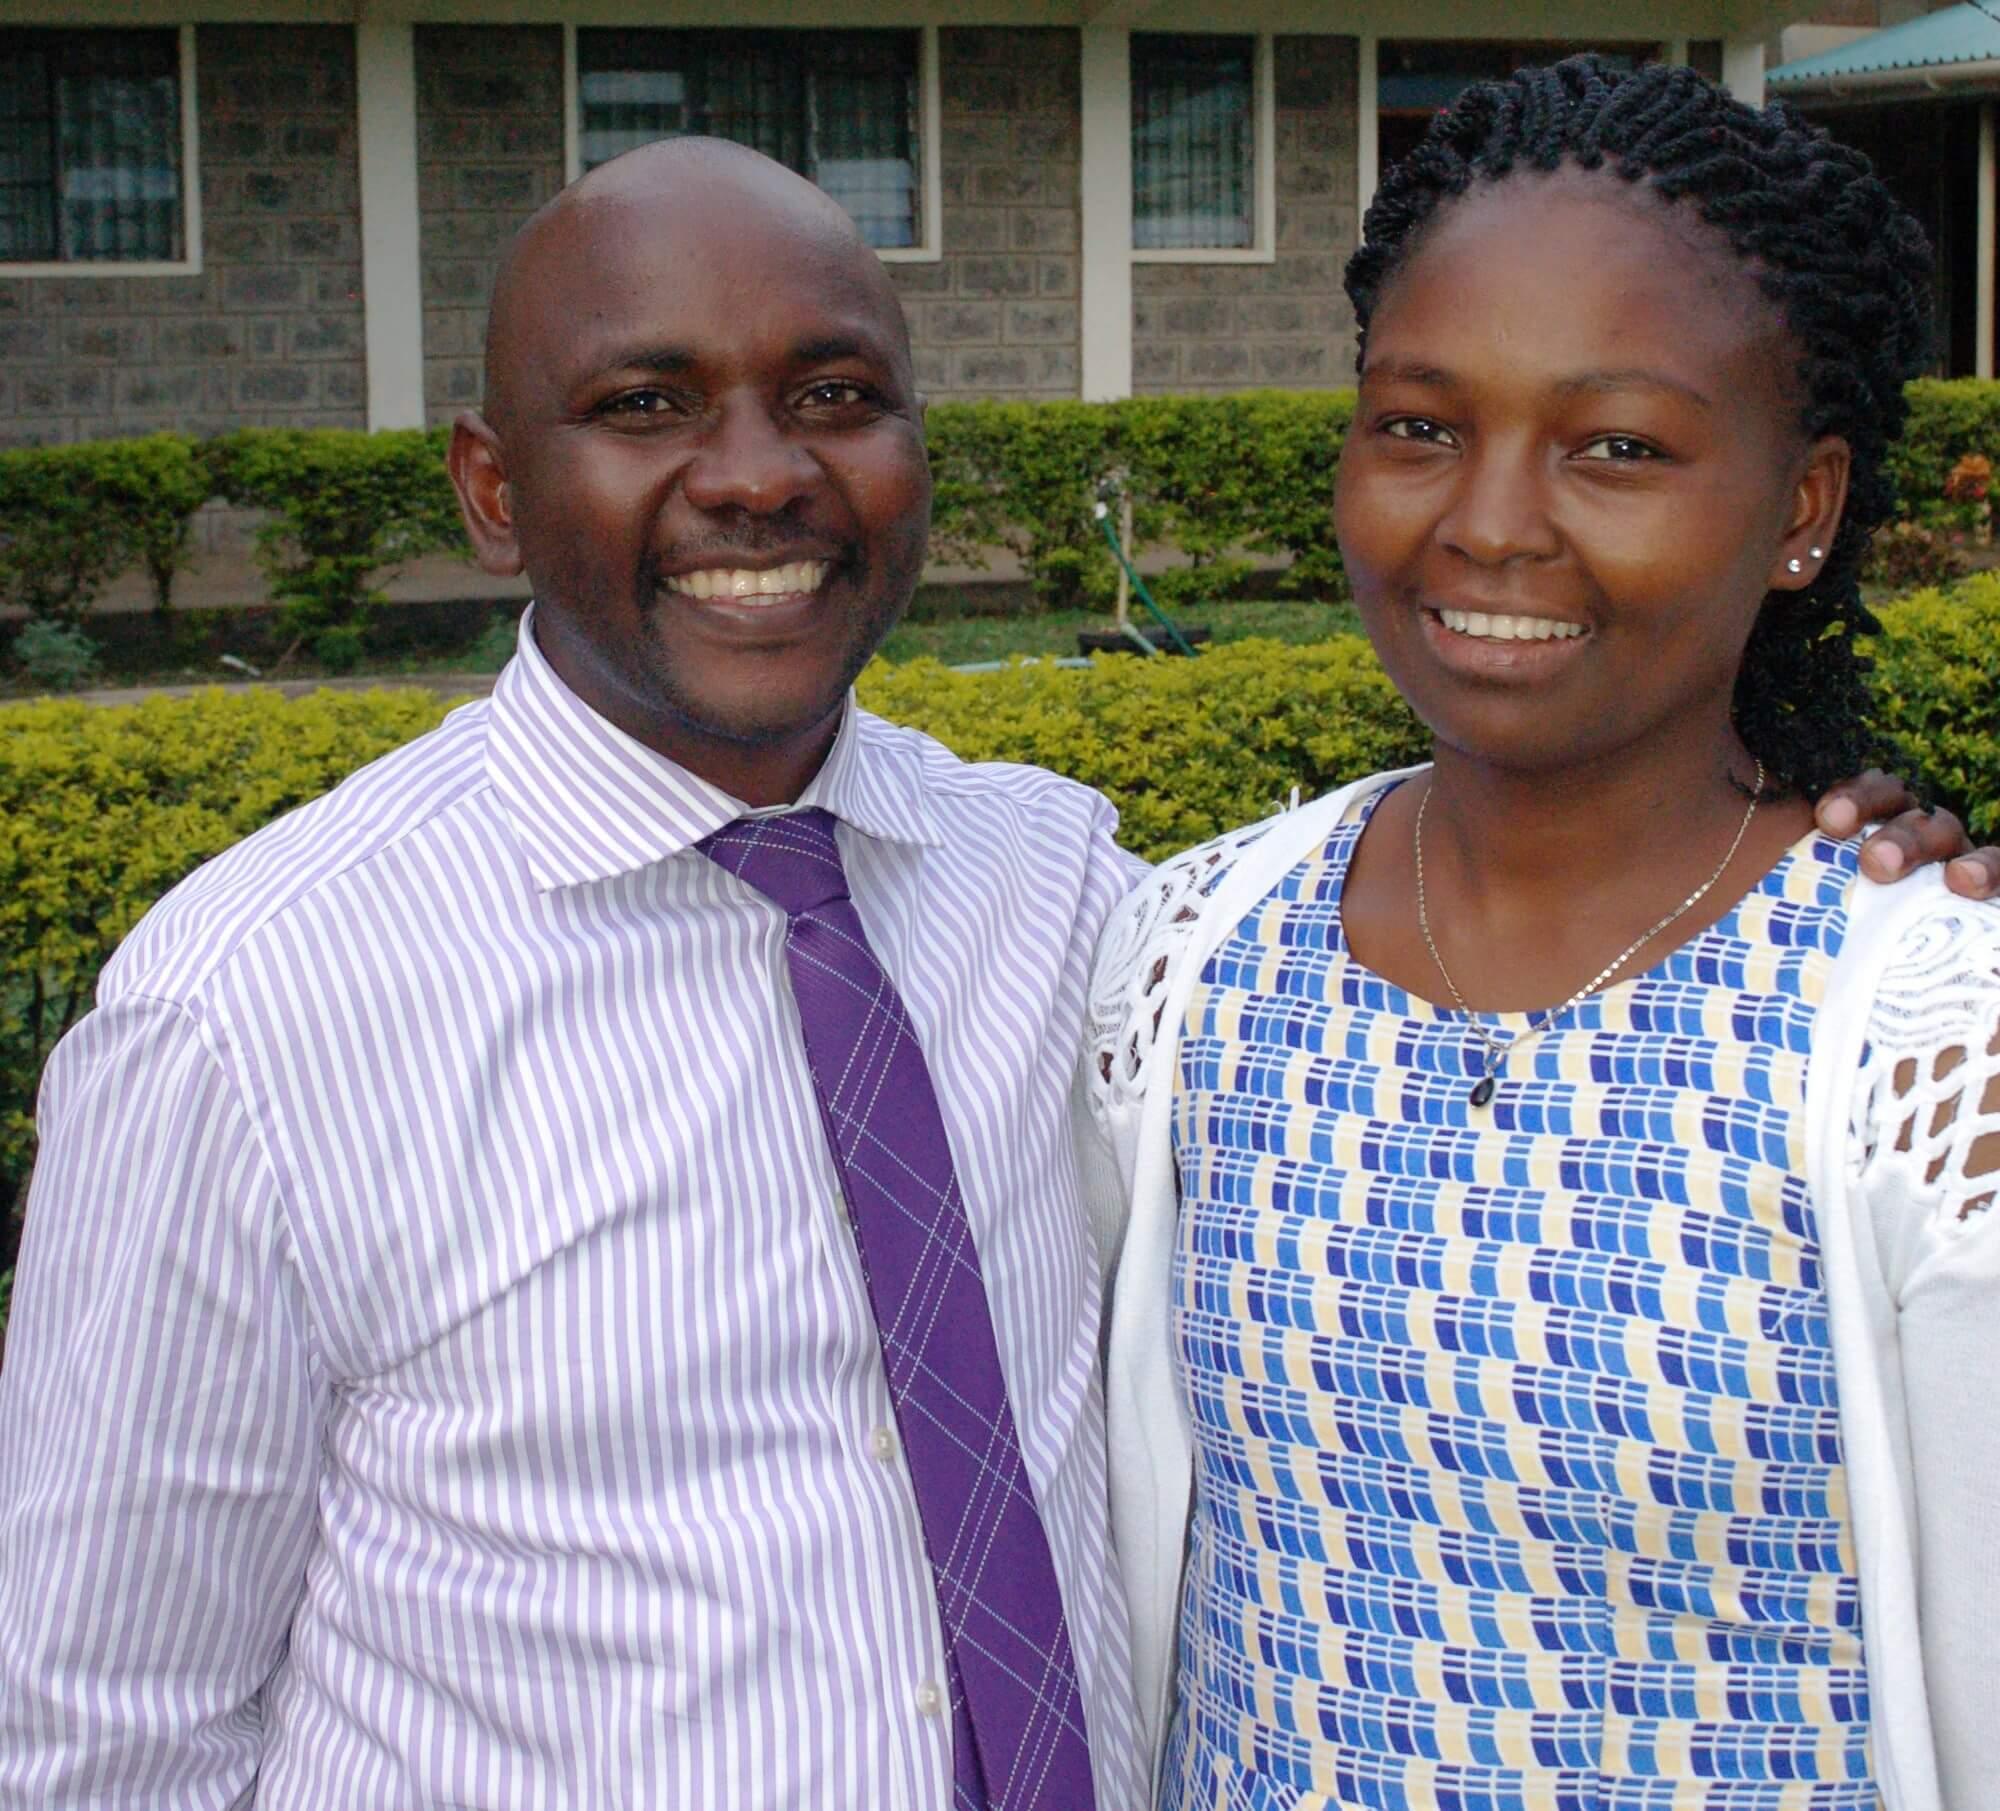 Murungi Igweta and Charity Murungi